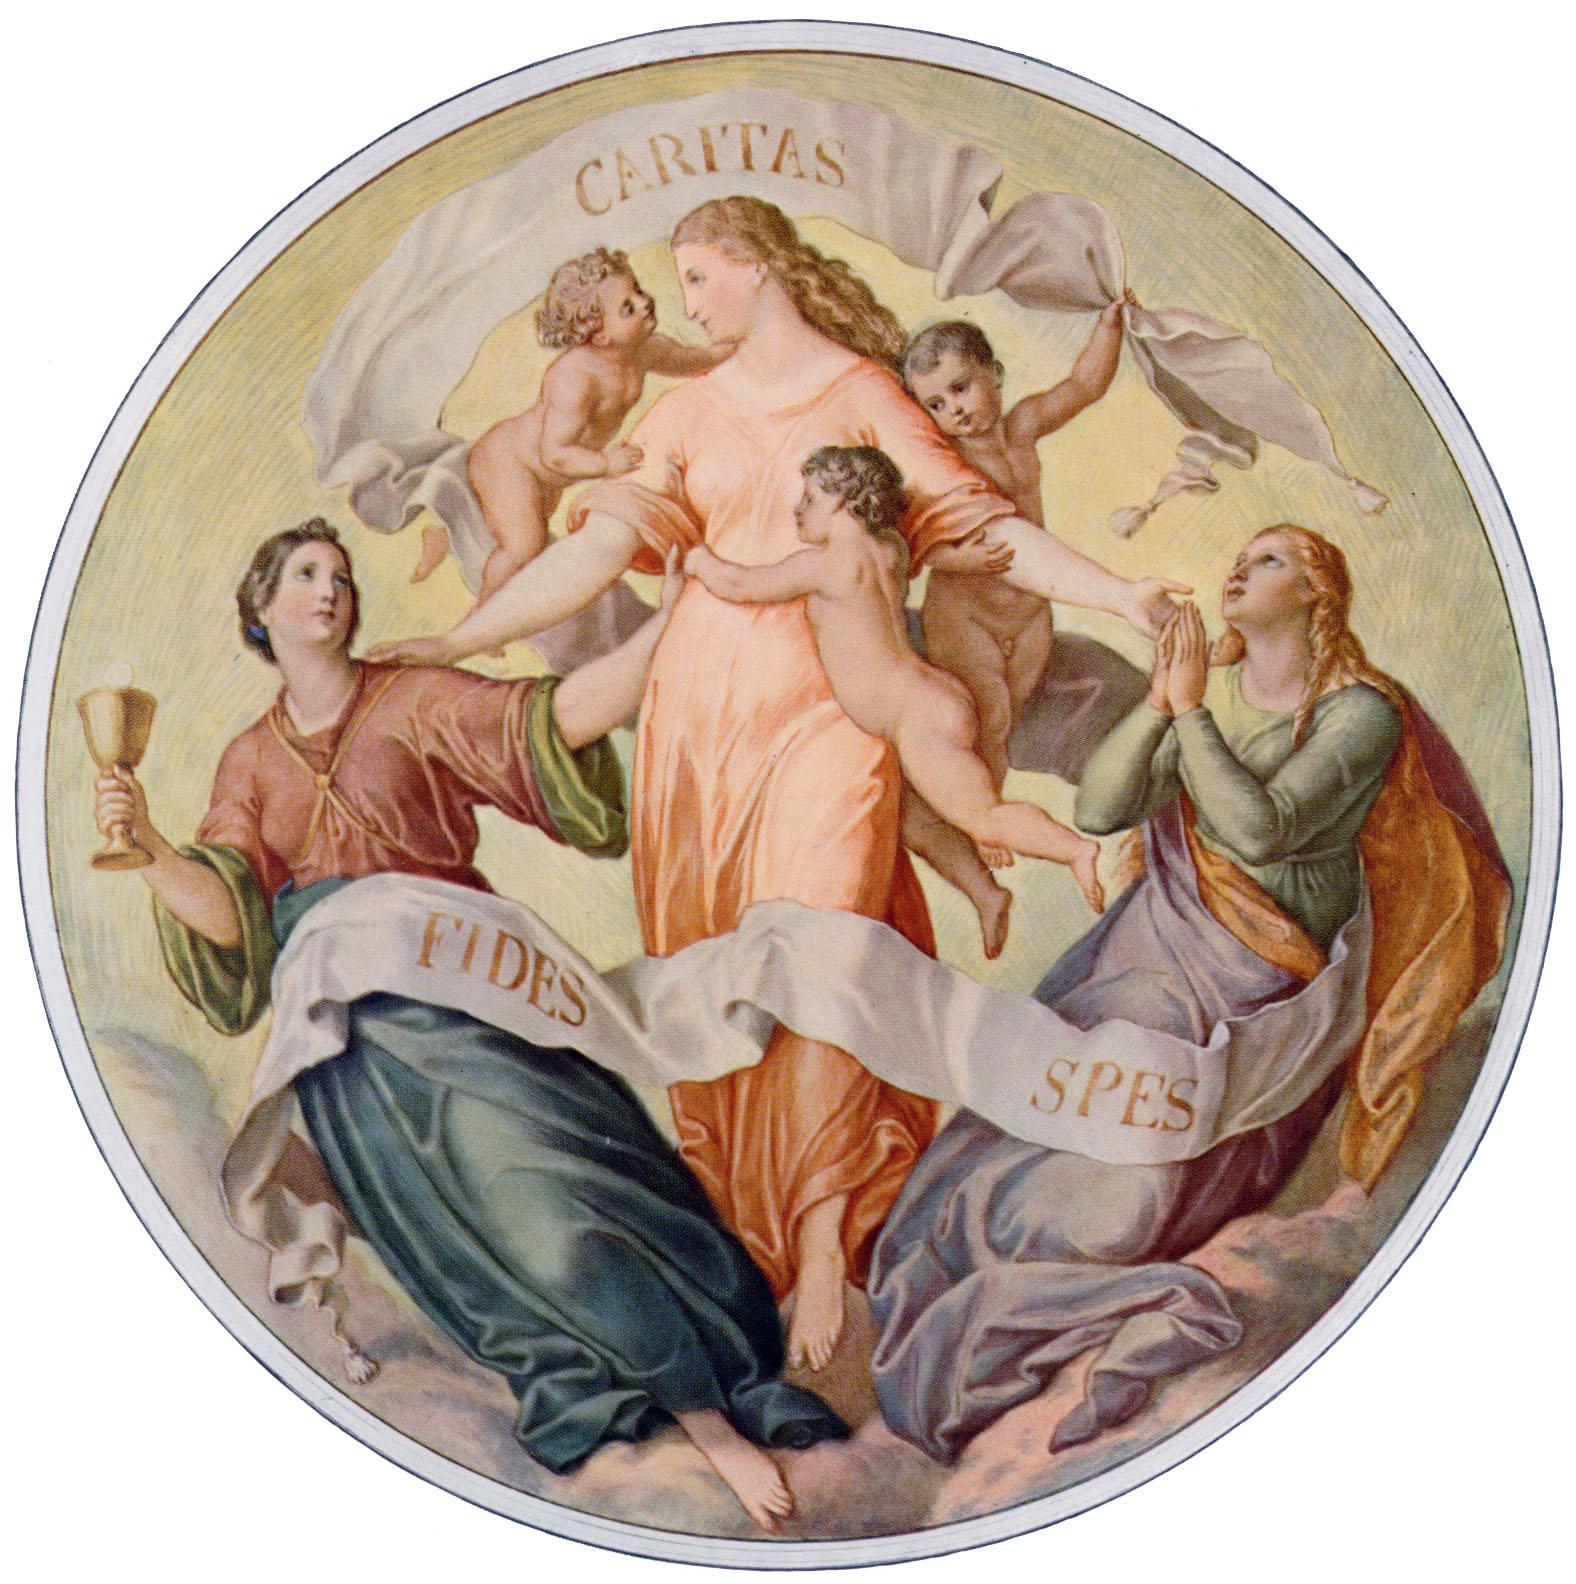 Tugend der Hoffnung katholisch